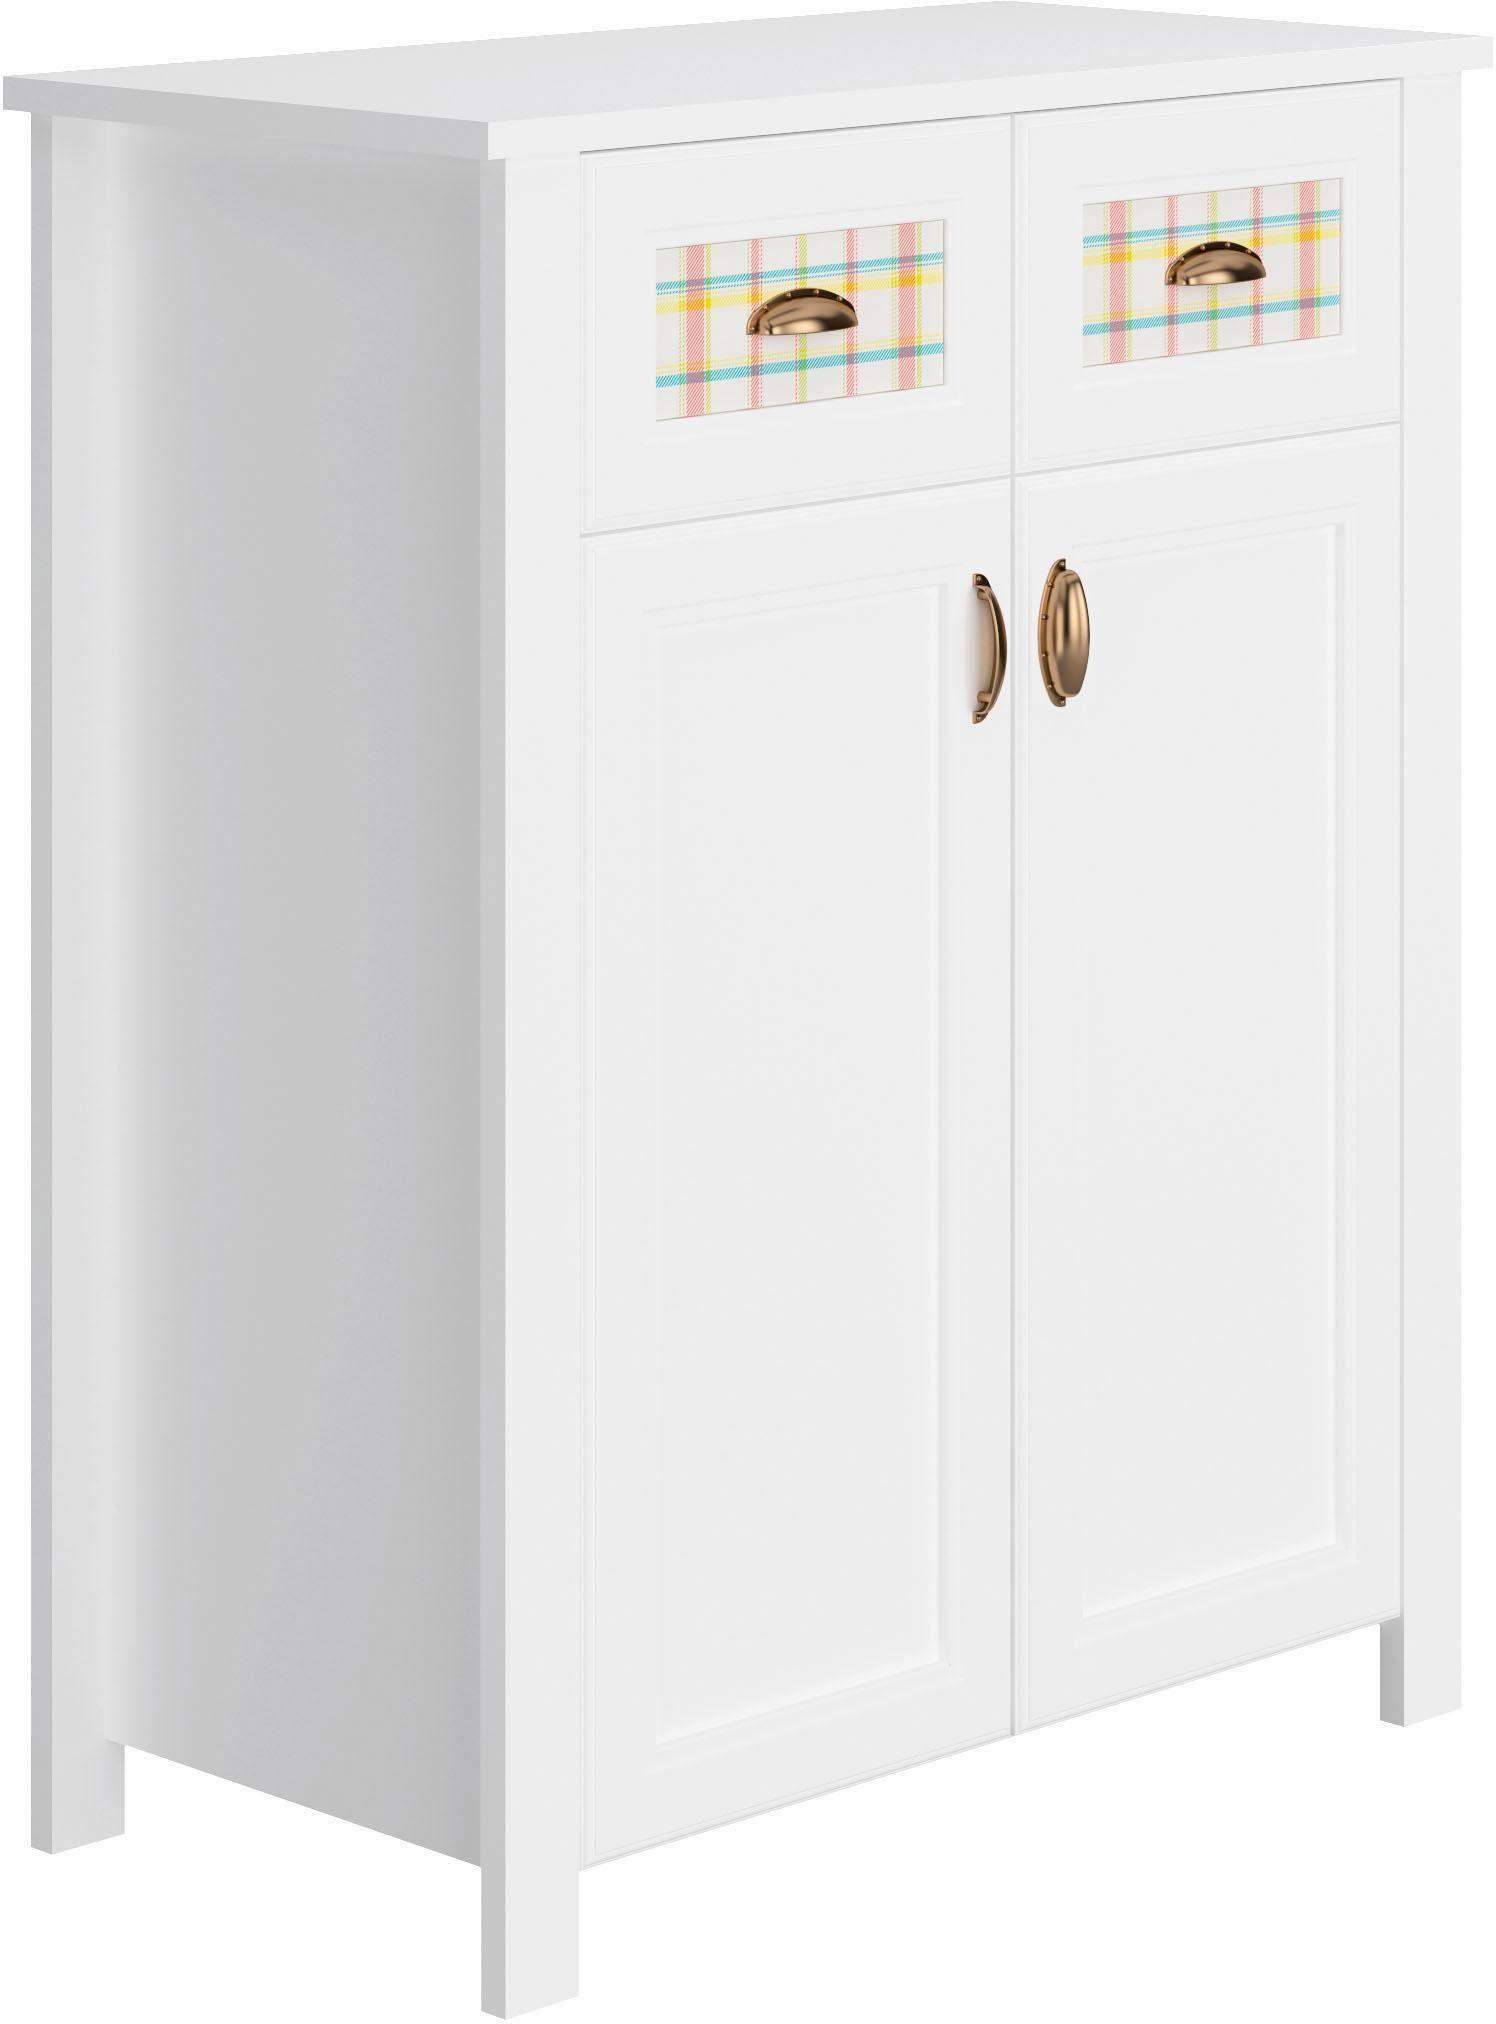 Home affaire Kommode »Sonya« mit dekorativen Glaseinsätzen, Breite 91 cm